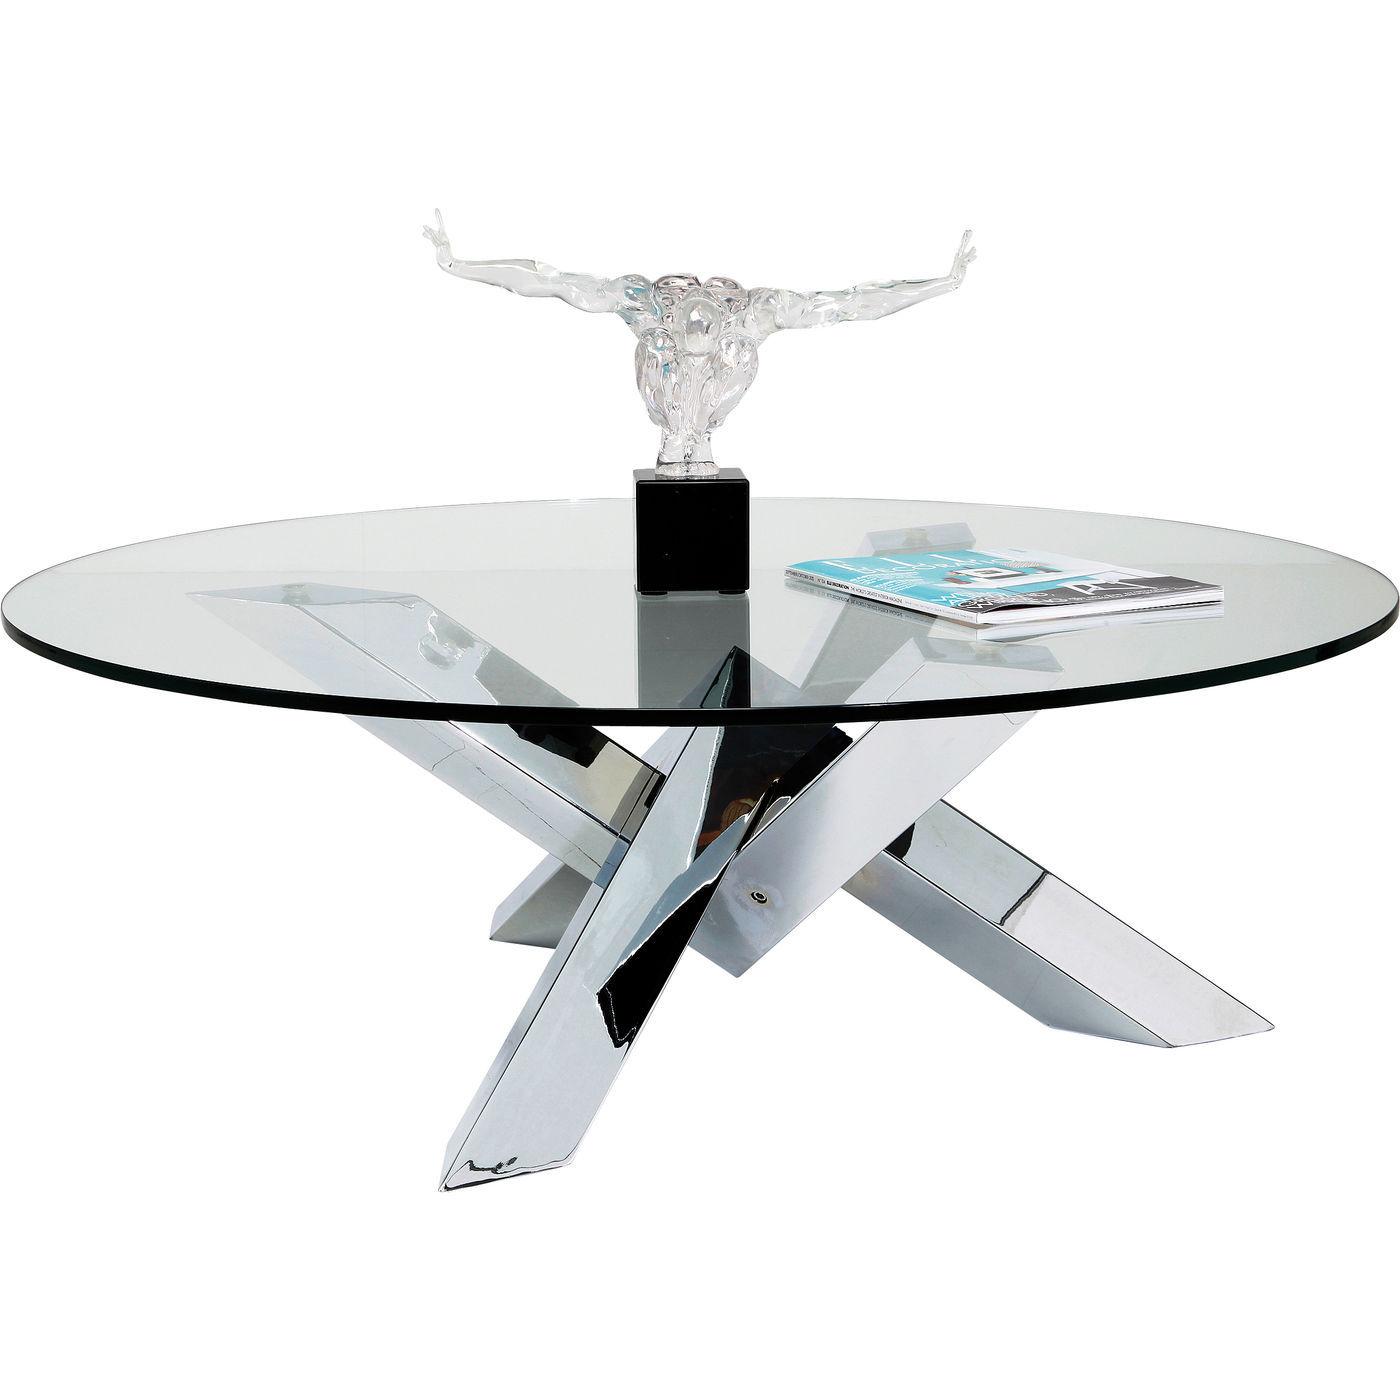 kare design – Kare design crystal econo sofabord - glas/sølv stål, rundt (ø100) på boboonline.dk